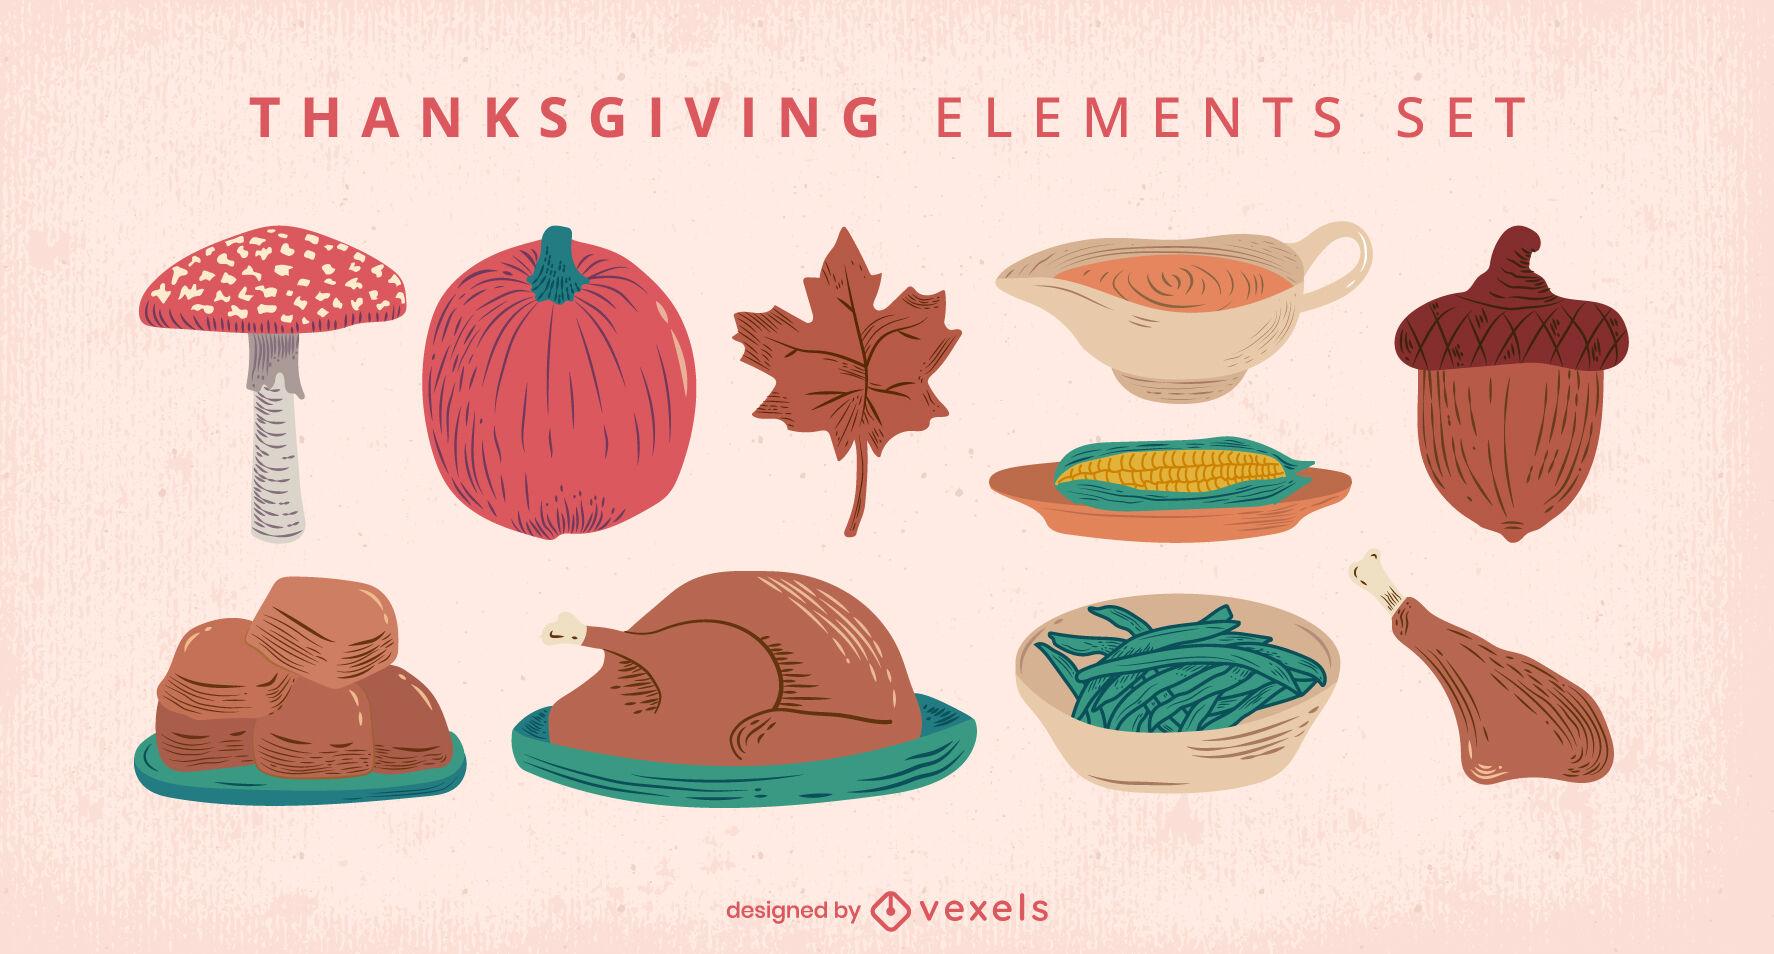 Thanksgiving-Abendessen-Essensset